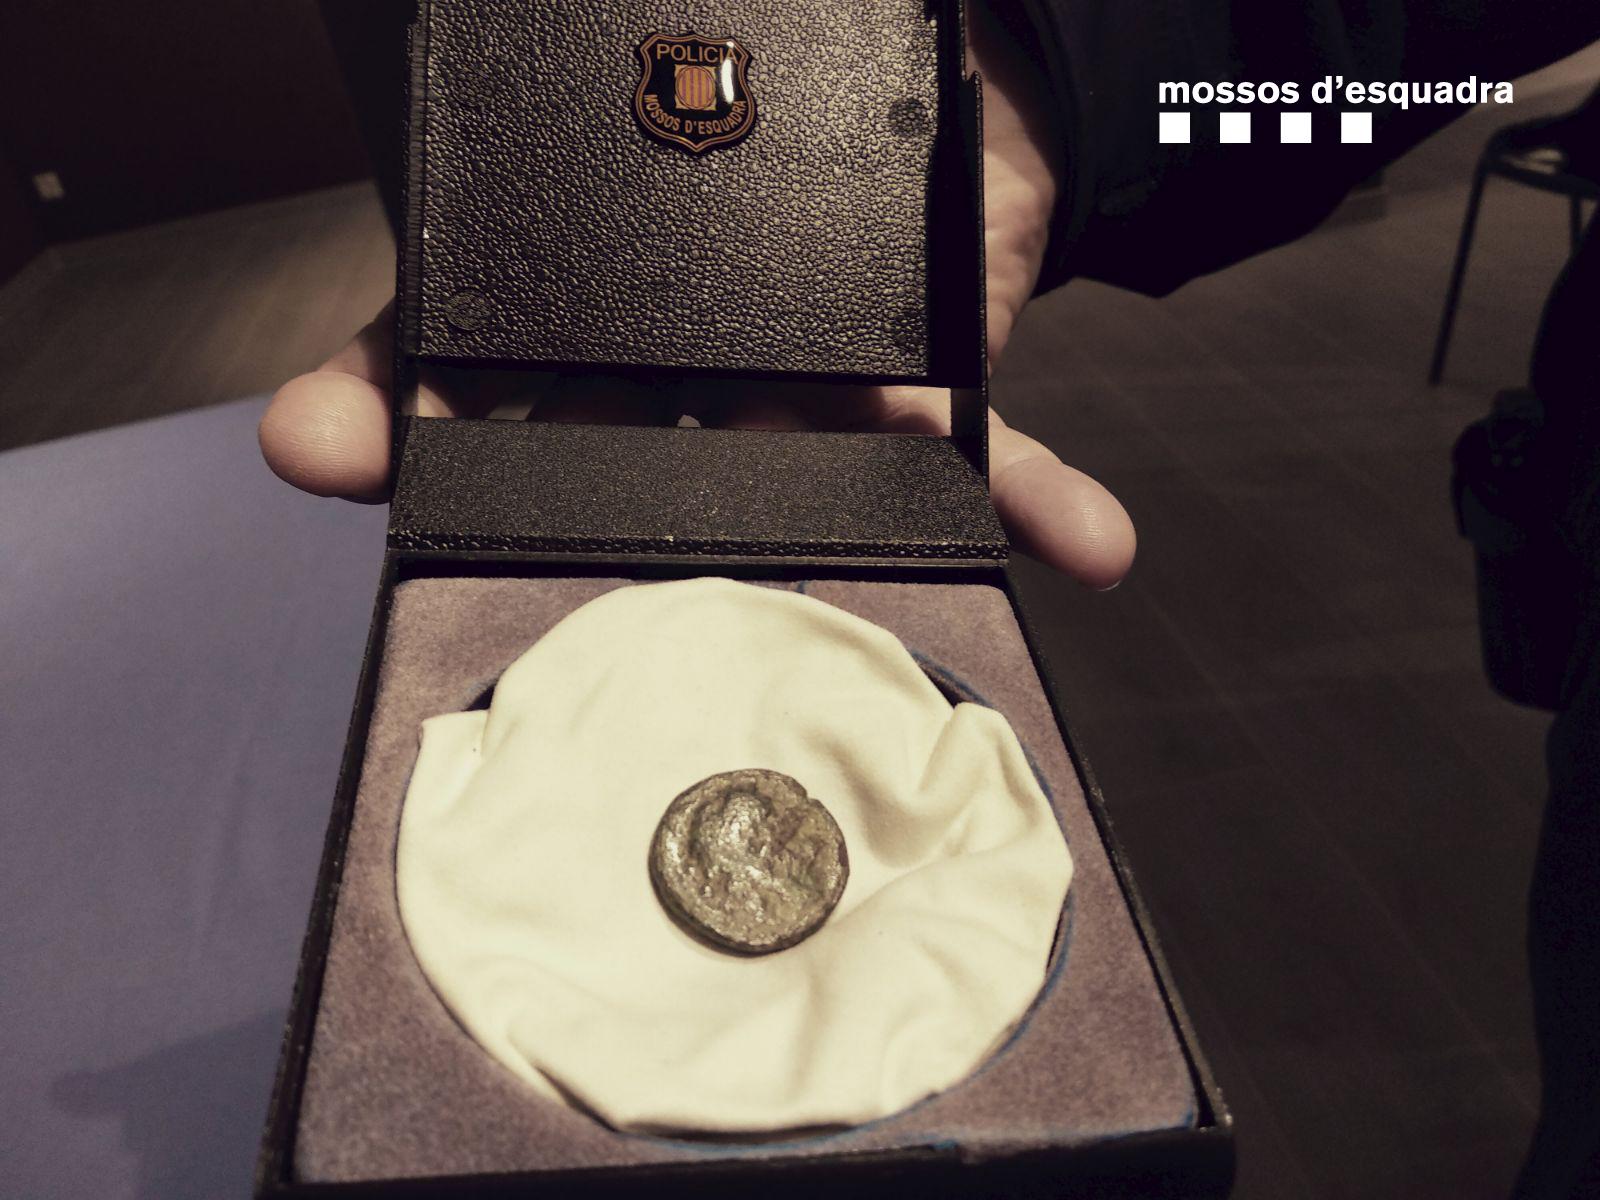 Els Mossos recuperen una moneda espoliada del jaciment grecoromà d'Empúries que es venia per 75 euros per Internet